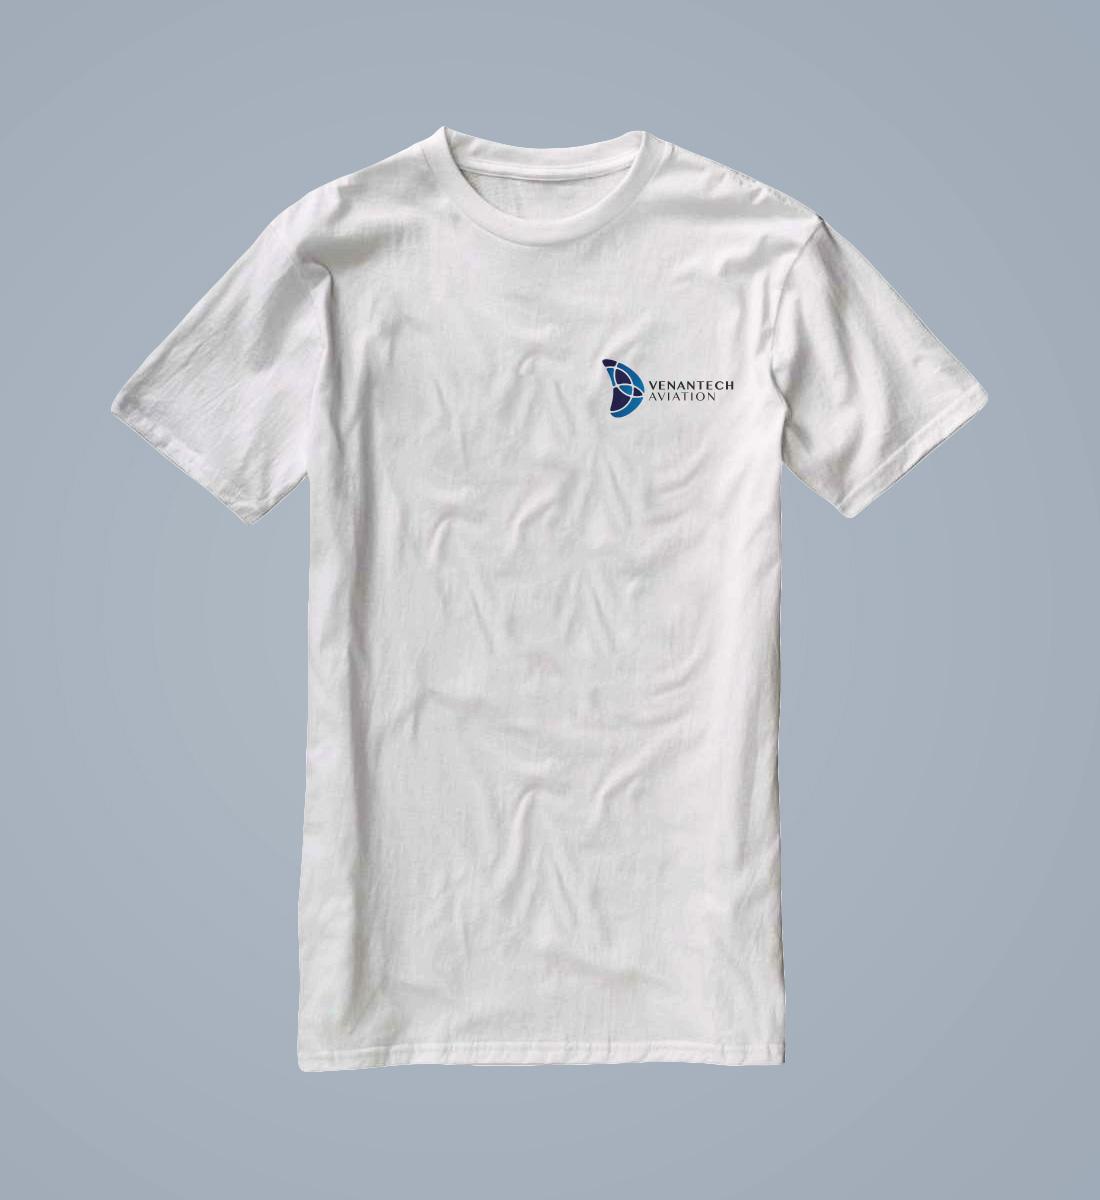 shirt_venantech1.jpg